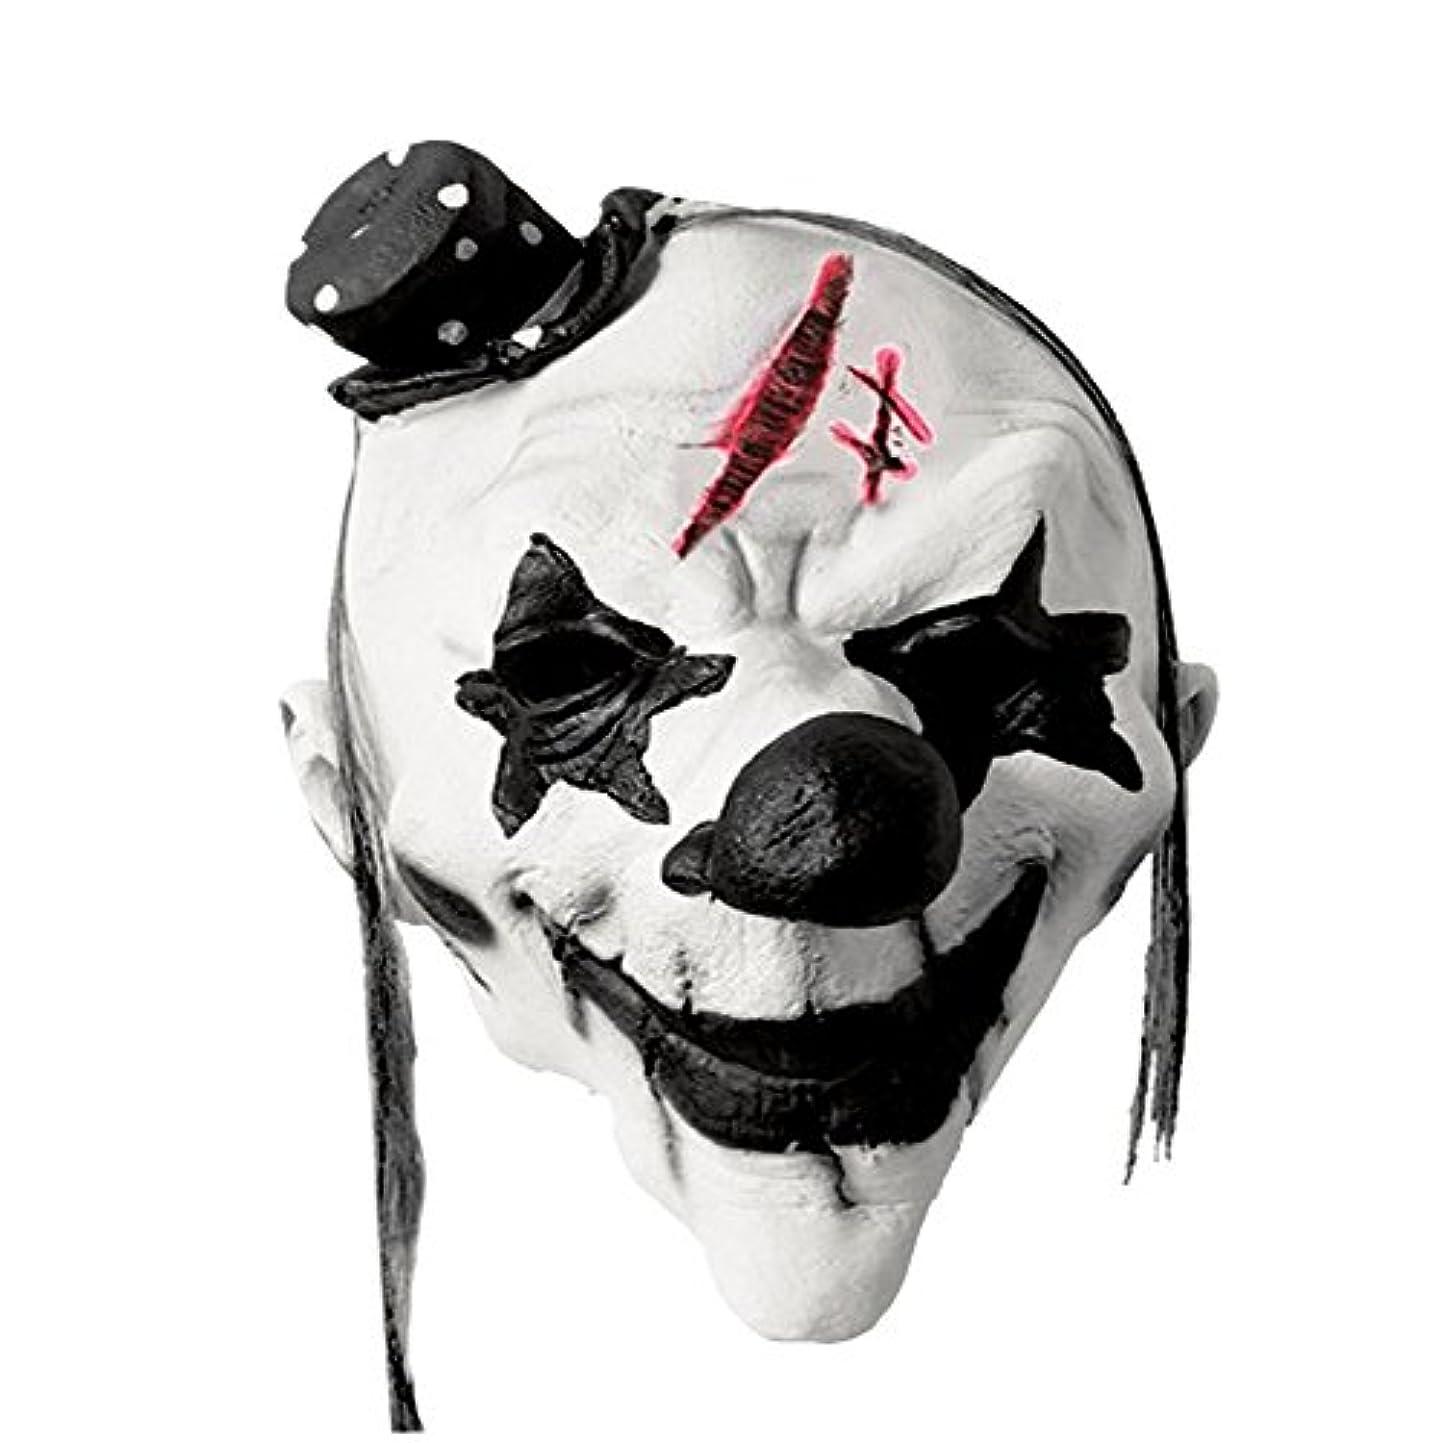 実り多い処理する伝統的ハロウィーンの白黒の道化師のマスク/偽装のホラーマスクのプロムパフォーマンスショーは小道具の道化師のマスクをドレスアップ